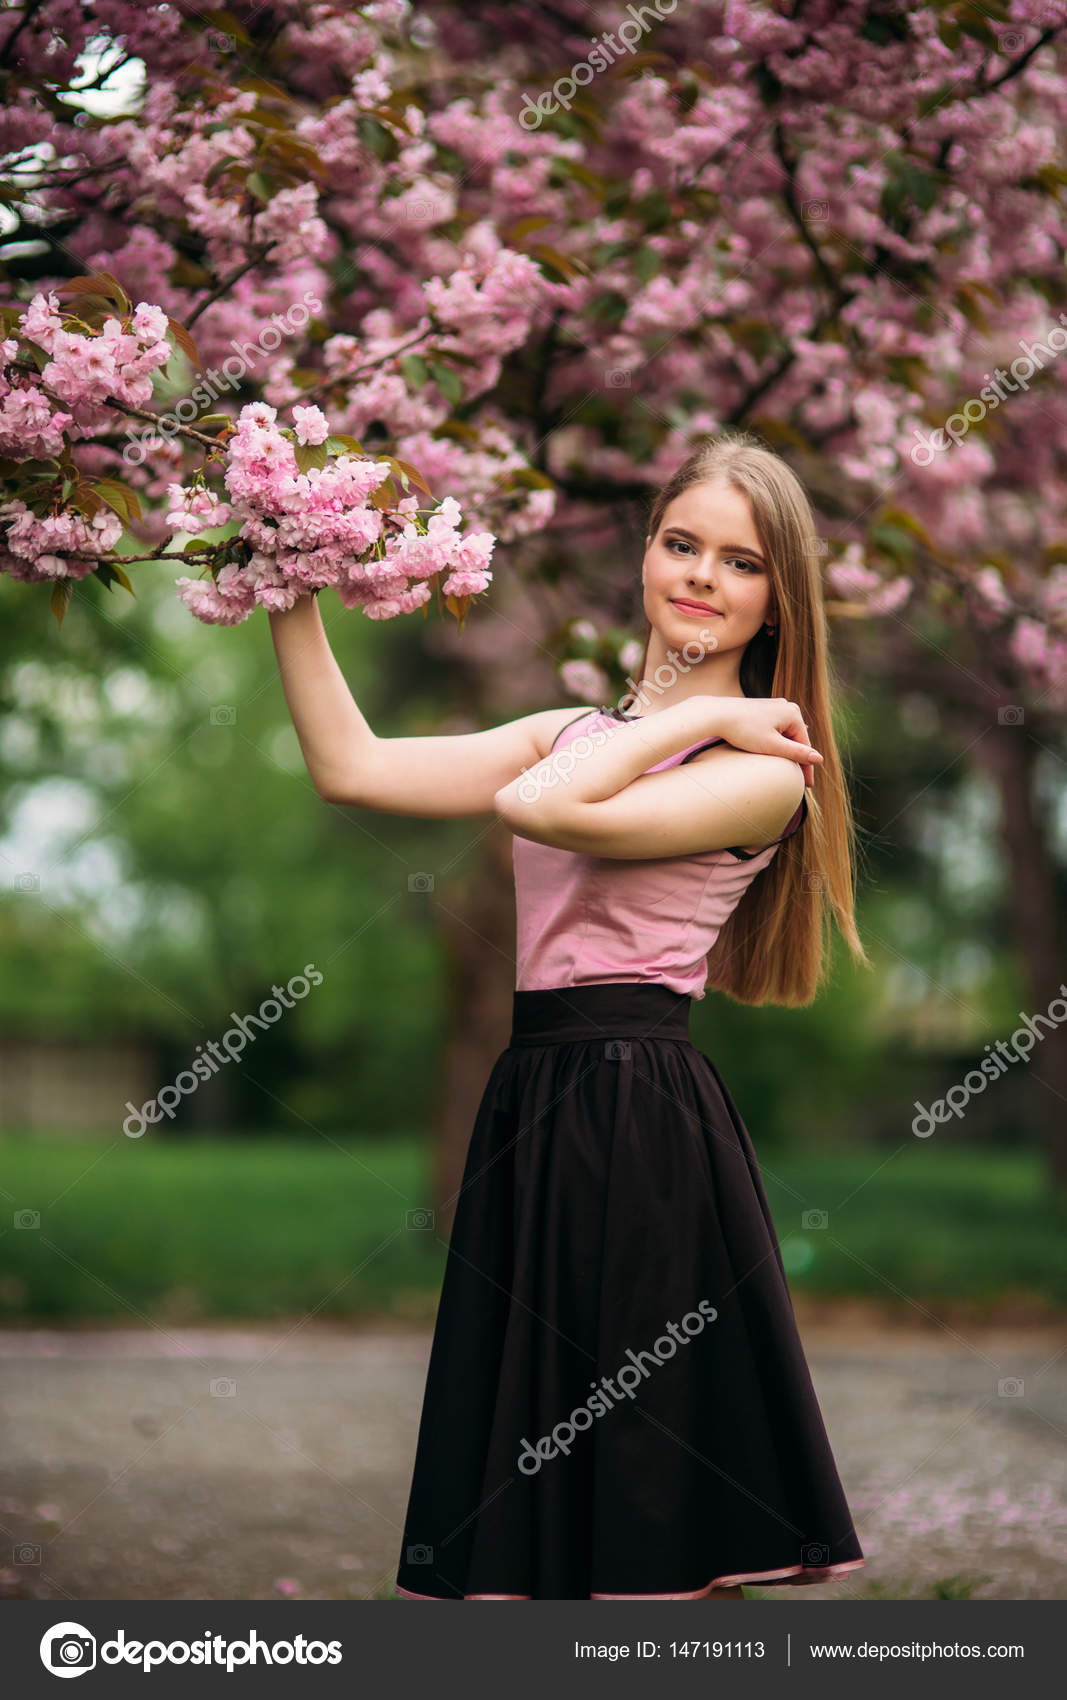 a02caa964 Encantadora chica de blusa rosa y falda negra posa para los ...